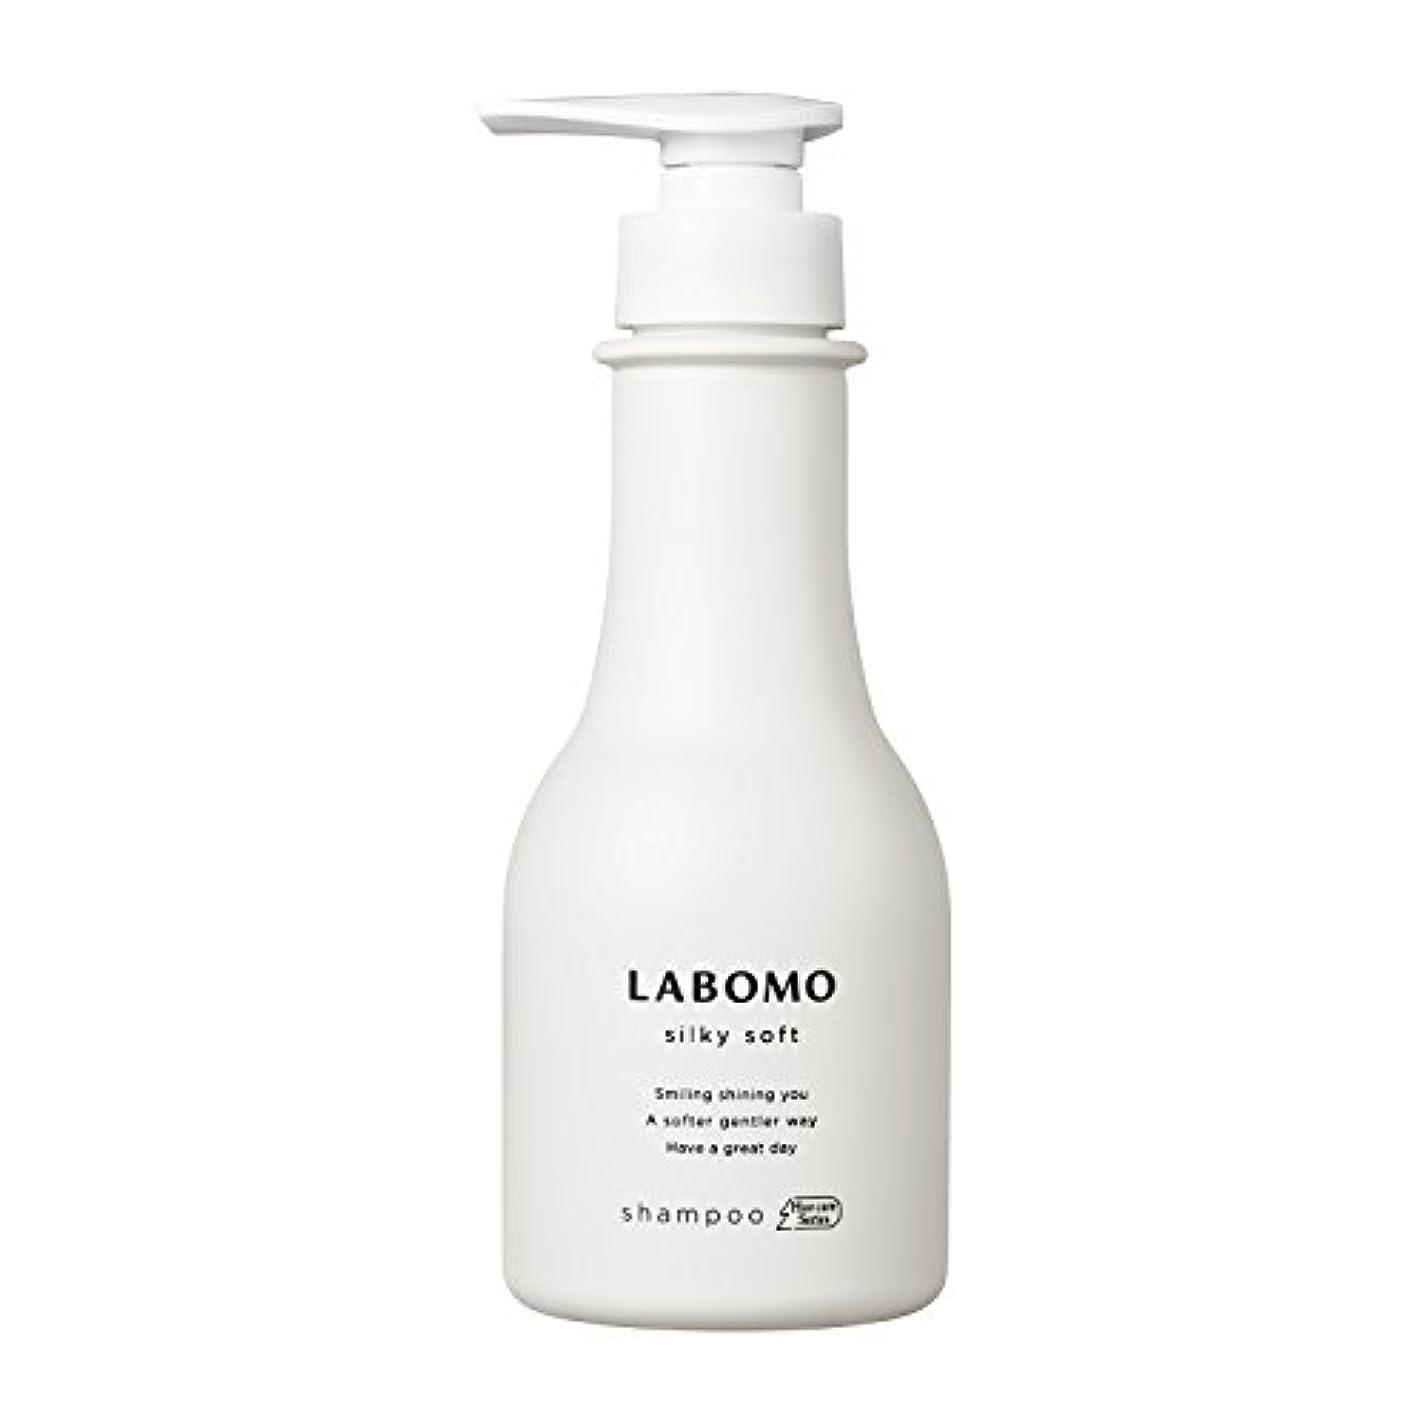 フラフープコモランマもちろんアートネイチャー ラボモ シルキーソフト シャンプー 《しっとり 保湿 洗い上げ ふんわり》 レディース ダメージケア(医薬部外品) 日本製